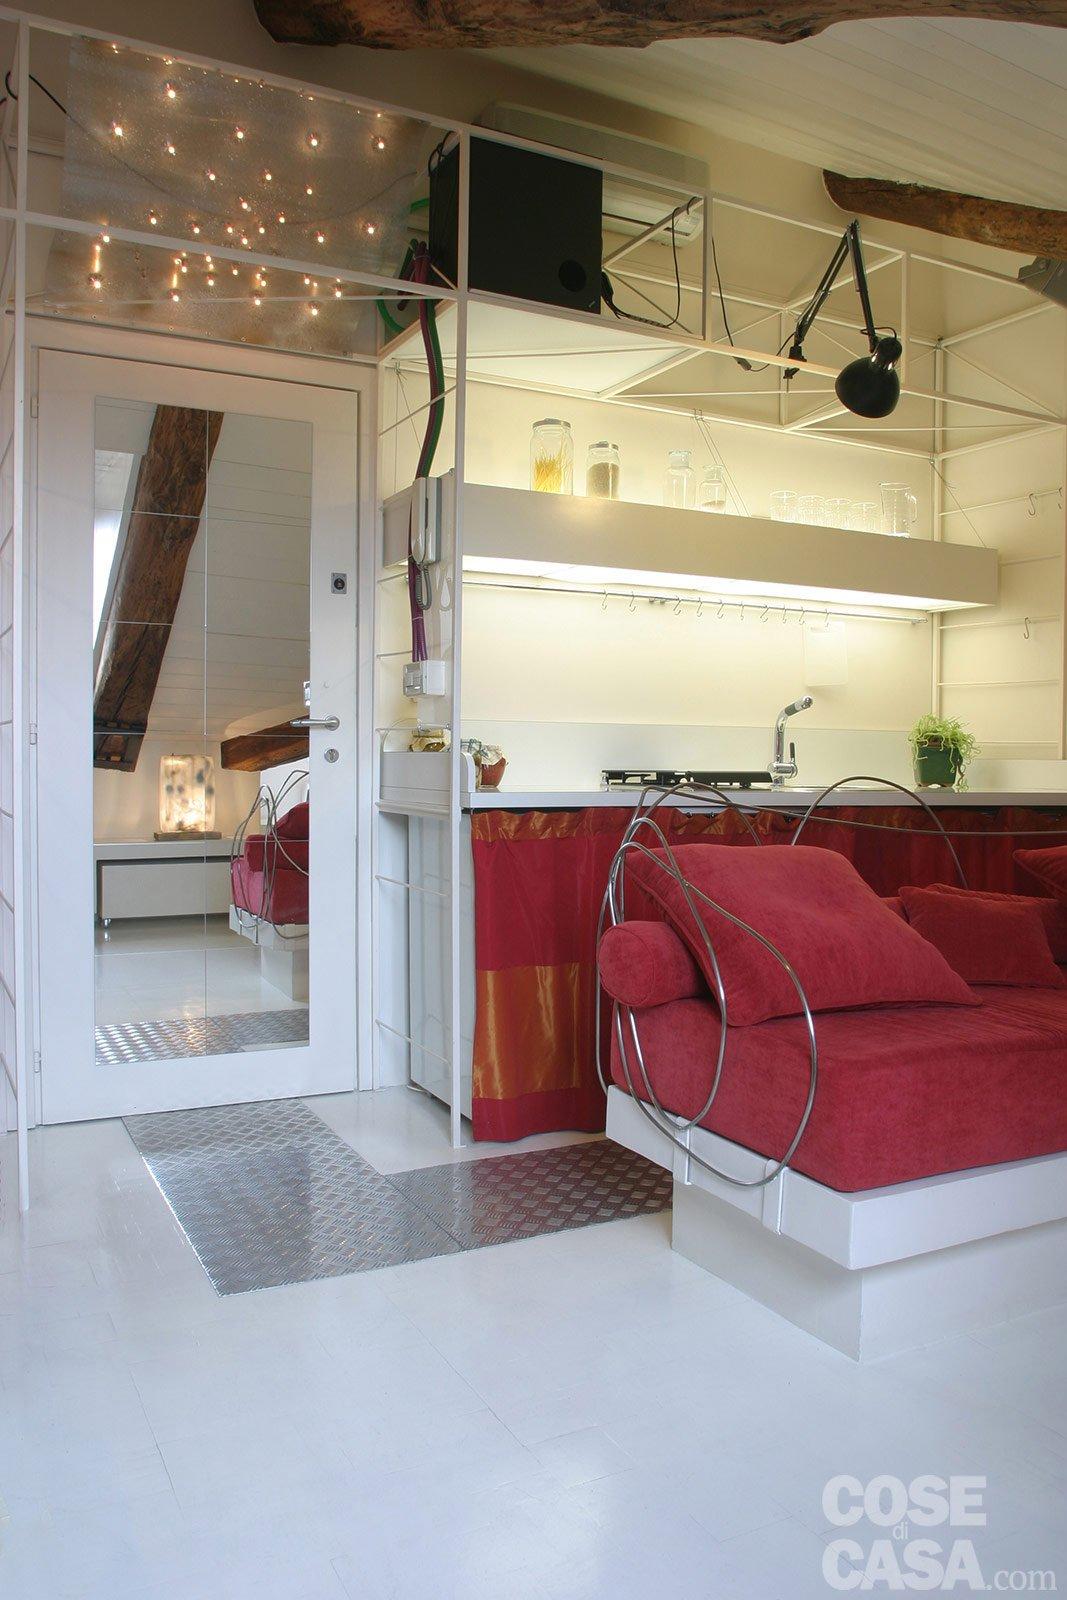 45 mq una casa in bianco e rosso cose di casa for Case di casa